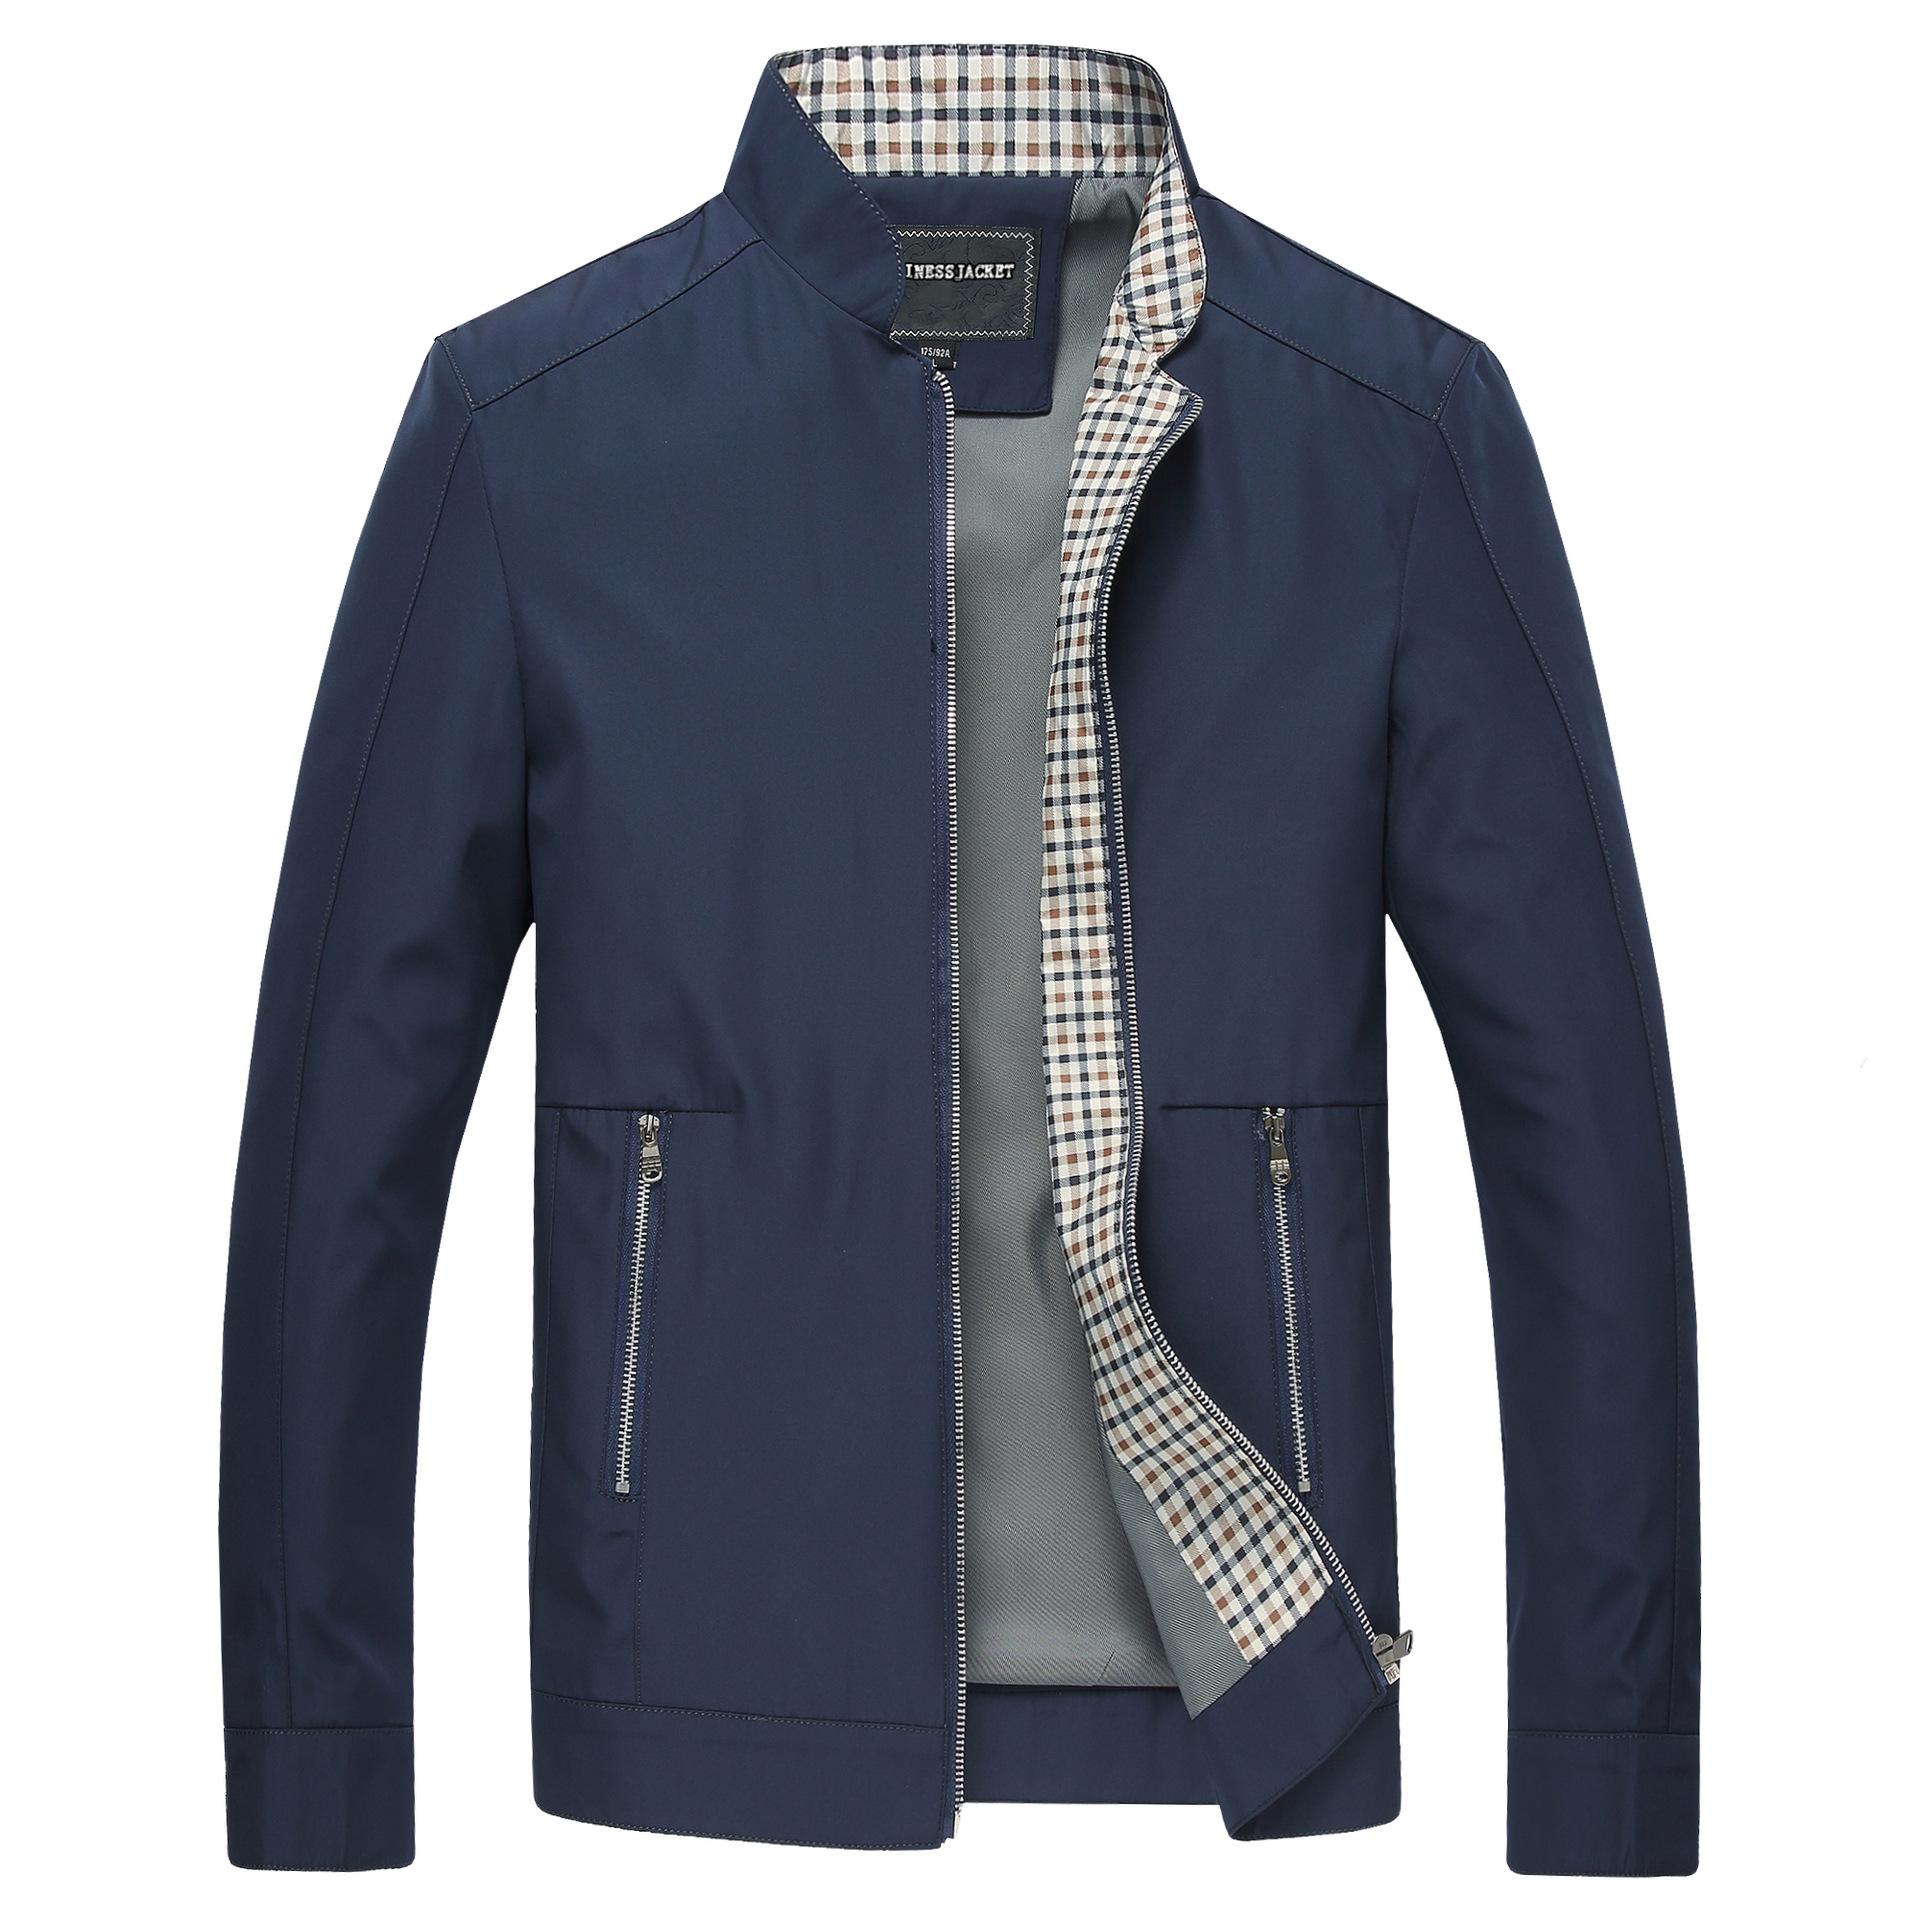 YITAO Áo khoác nam 2018 mới bán buôn mùa xuân và mùa thu đứng cổ áo khoác nam trung niên áo khoác mỏ